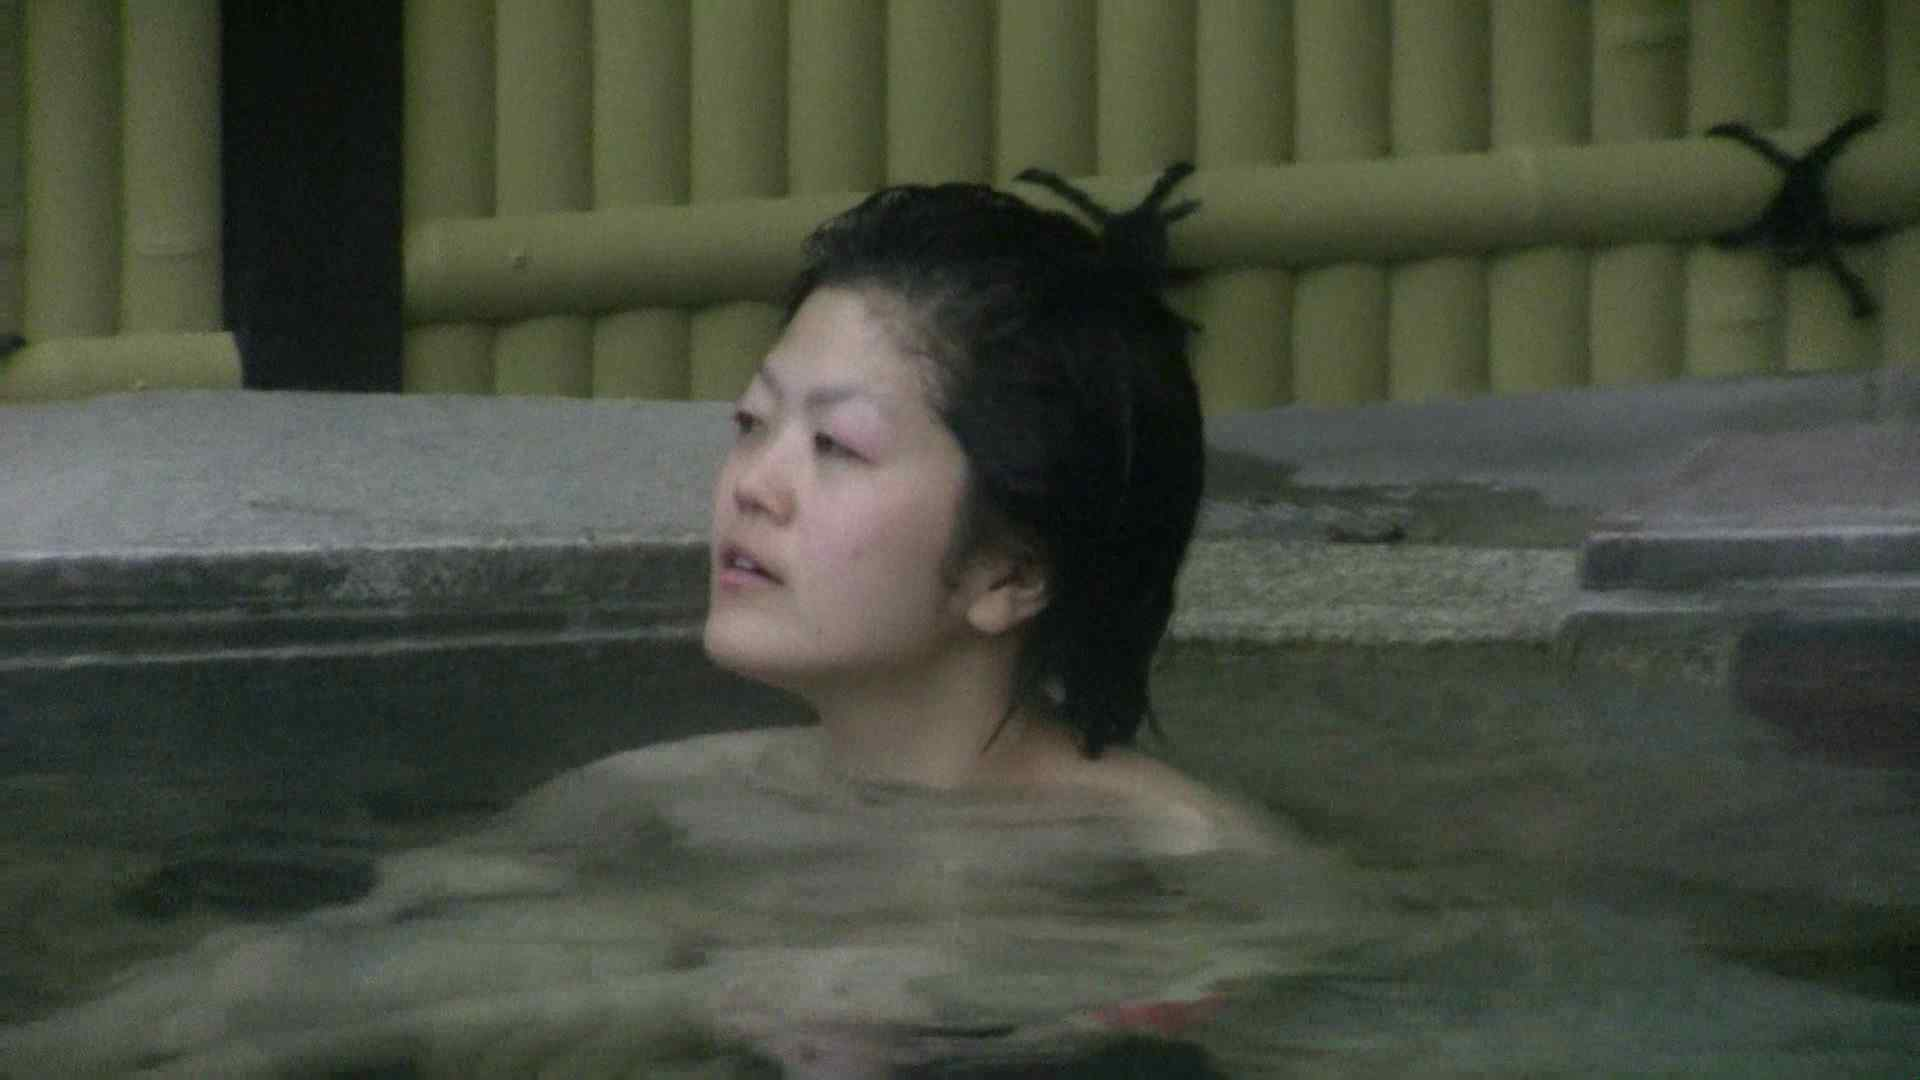 Aquaな露天風呂Vol.538 OLのエロ生活   盗撮  90連発 22